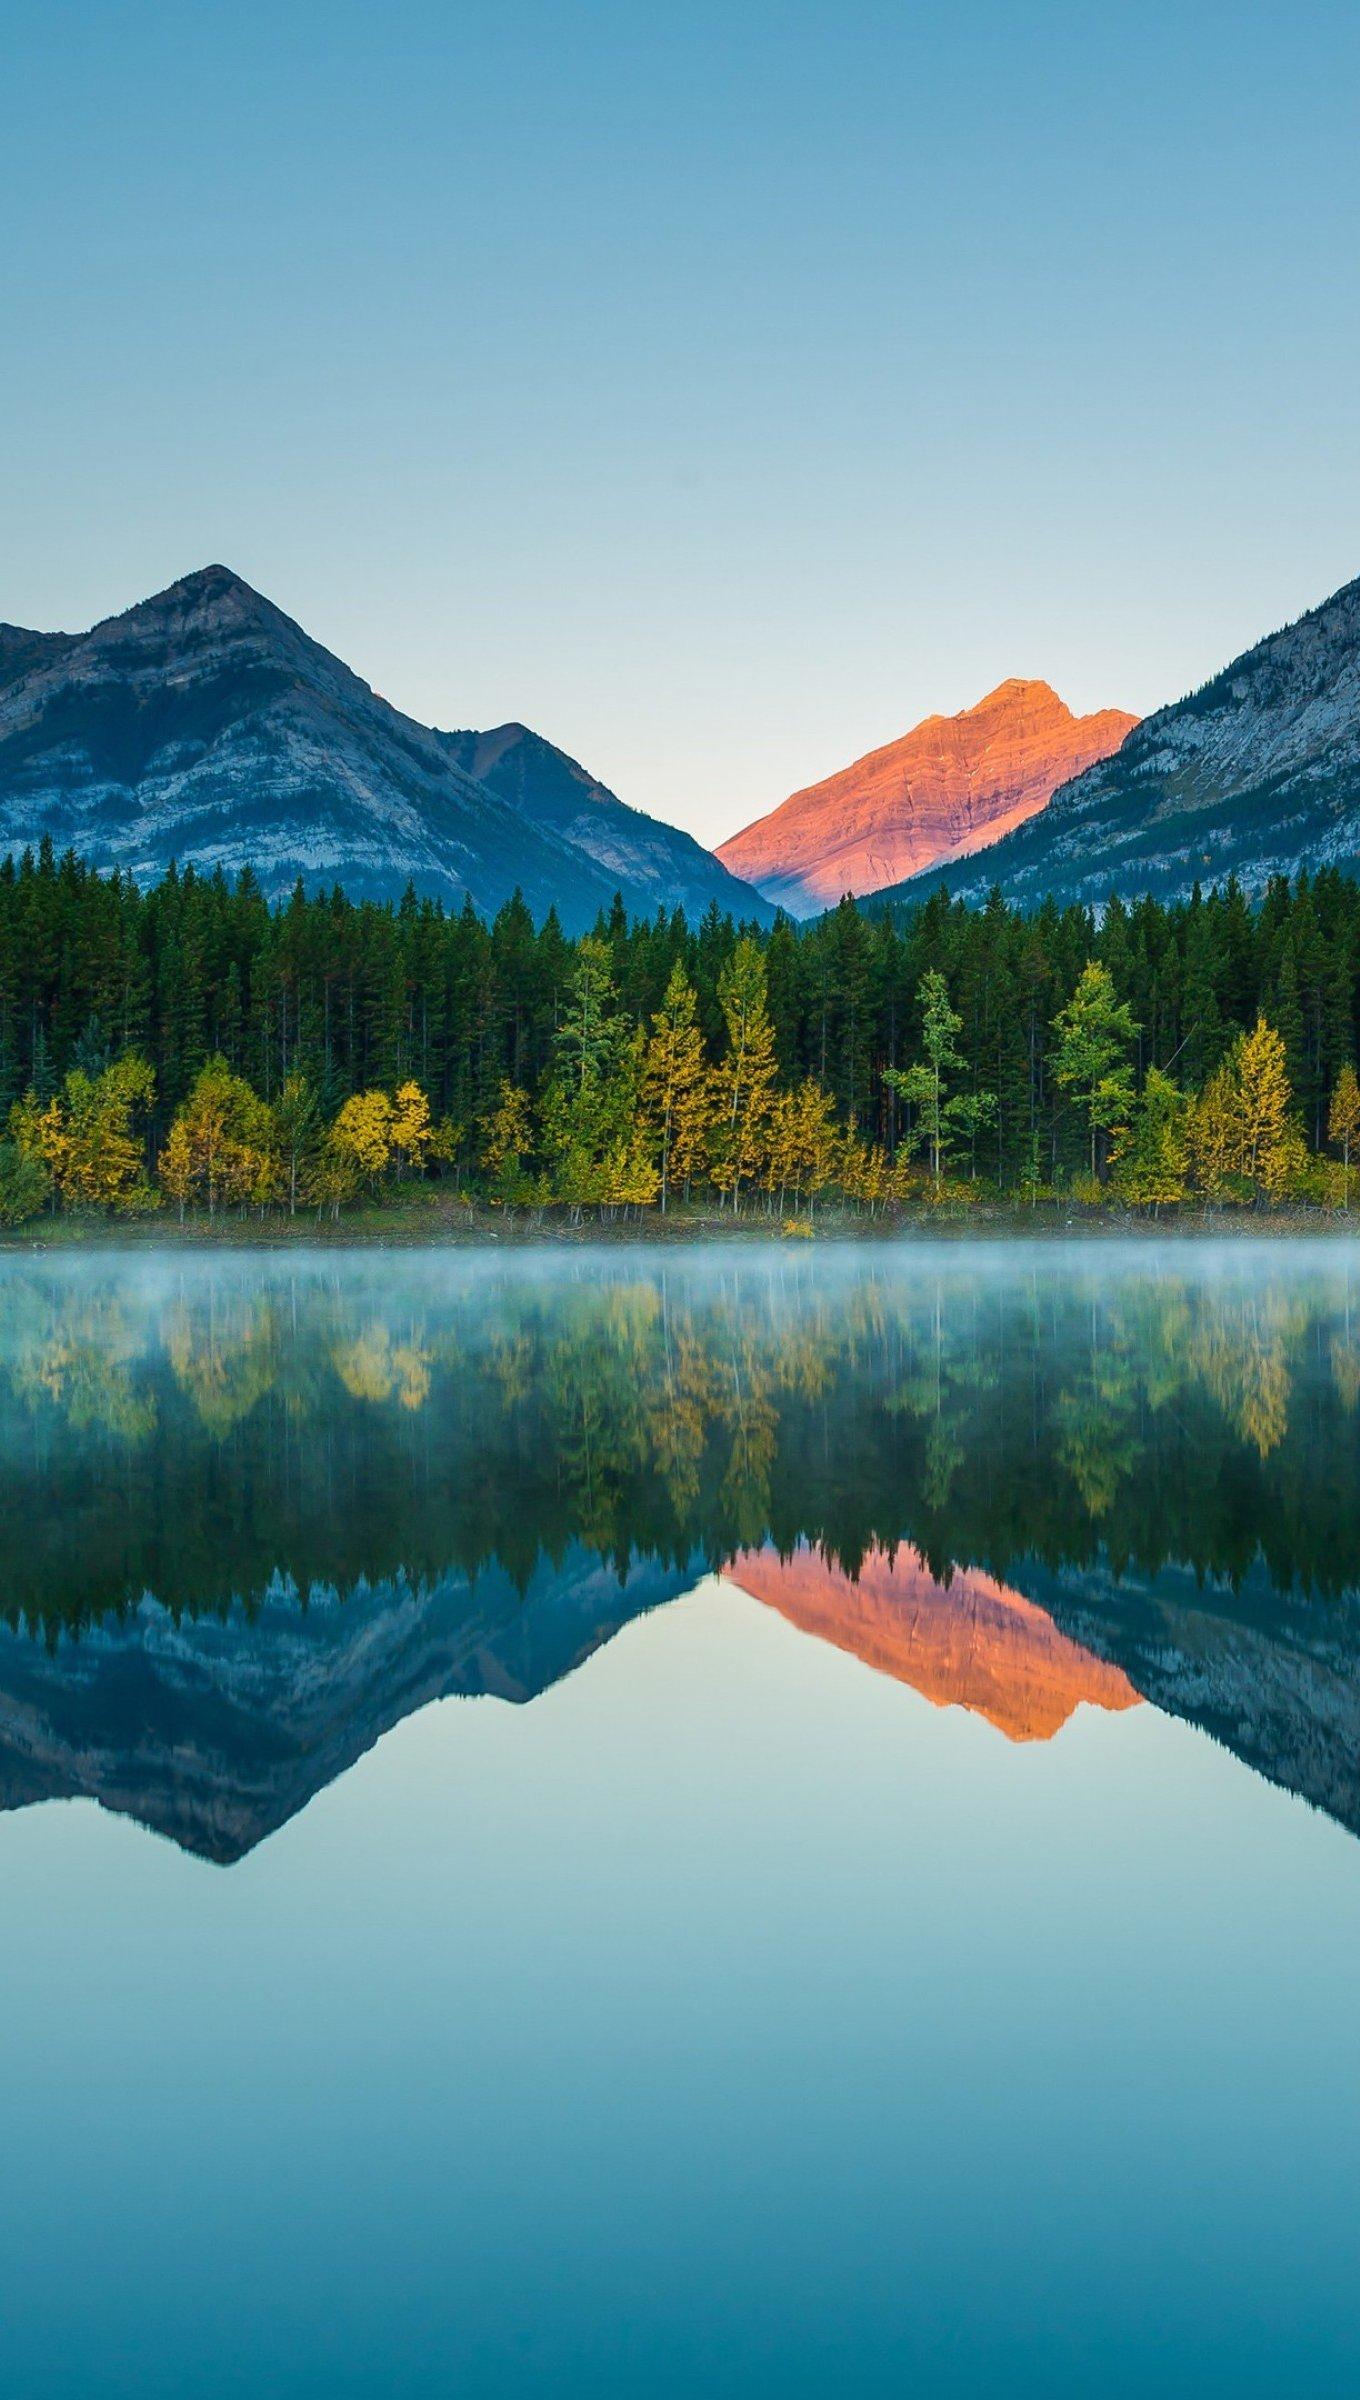 Fondos de pantalla Montañas reflejadas en lago al atardecer Vertical